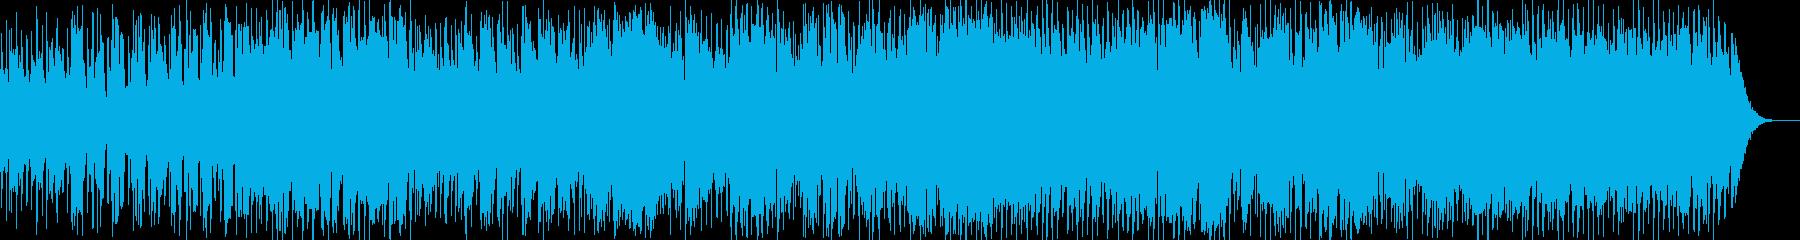 正直な歌詞のポップフォークアメリカ...の再生済みの波形